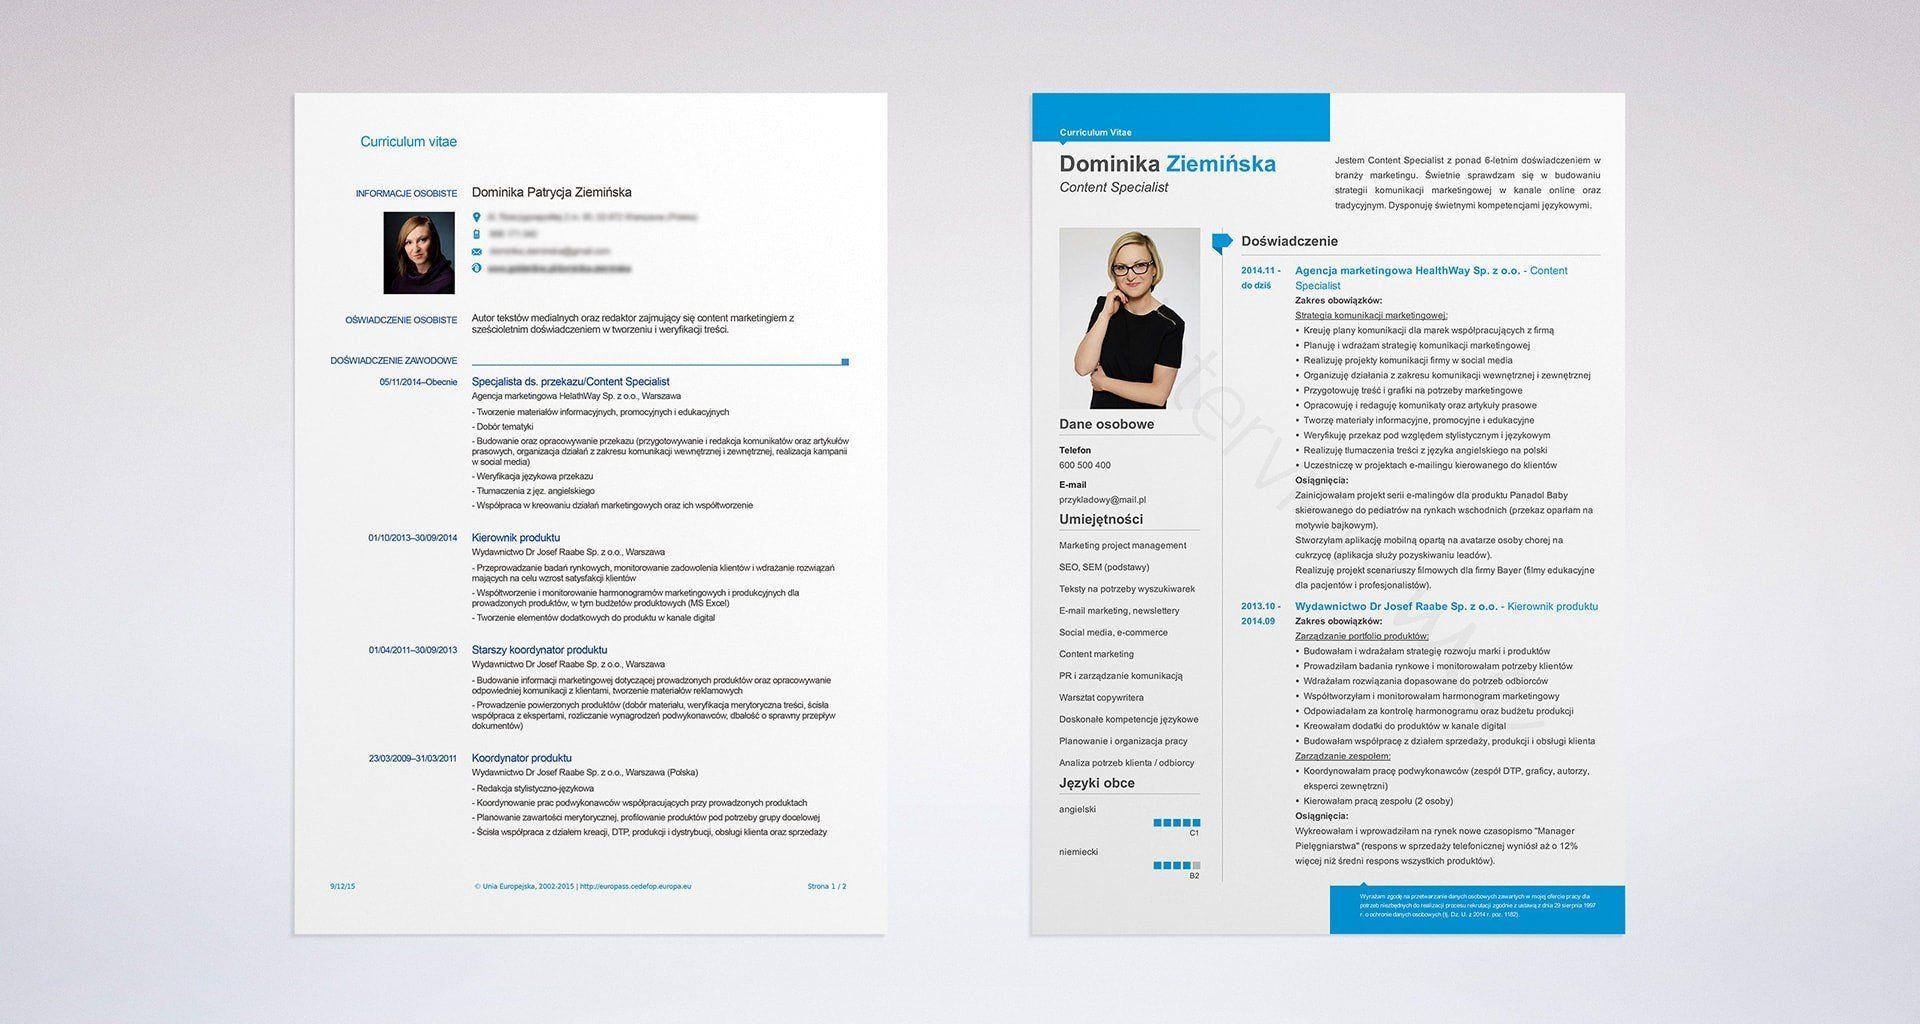 jak znaleźć pracę? Curriculum vitae, Curriculum